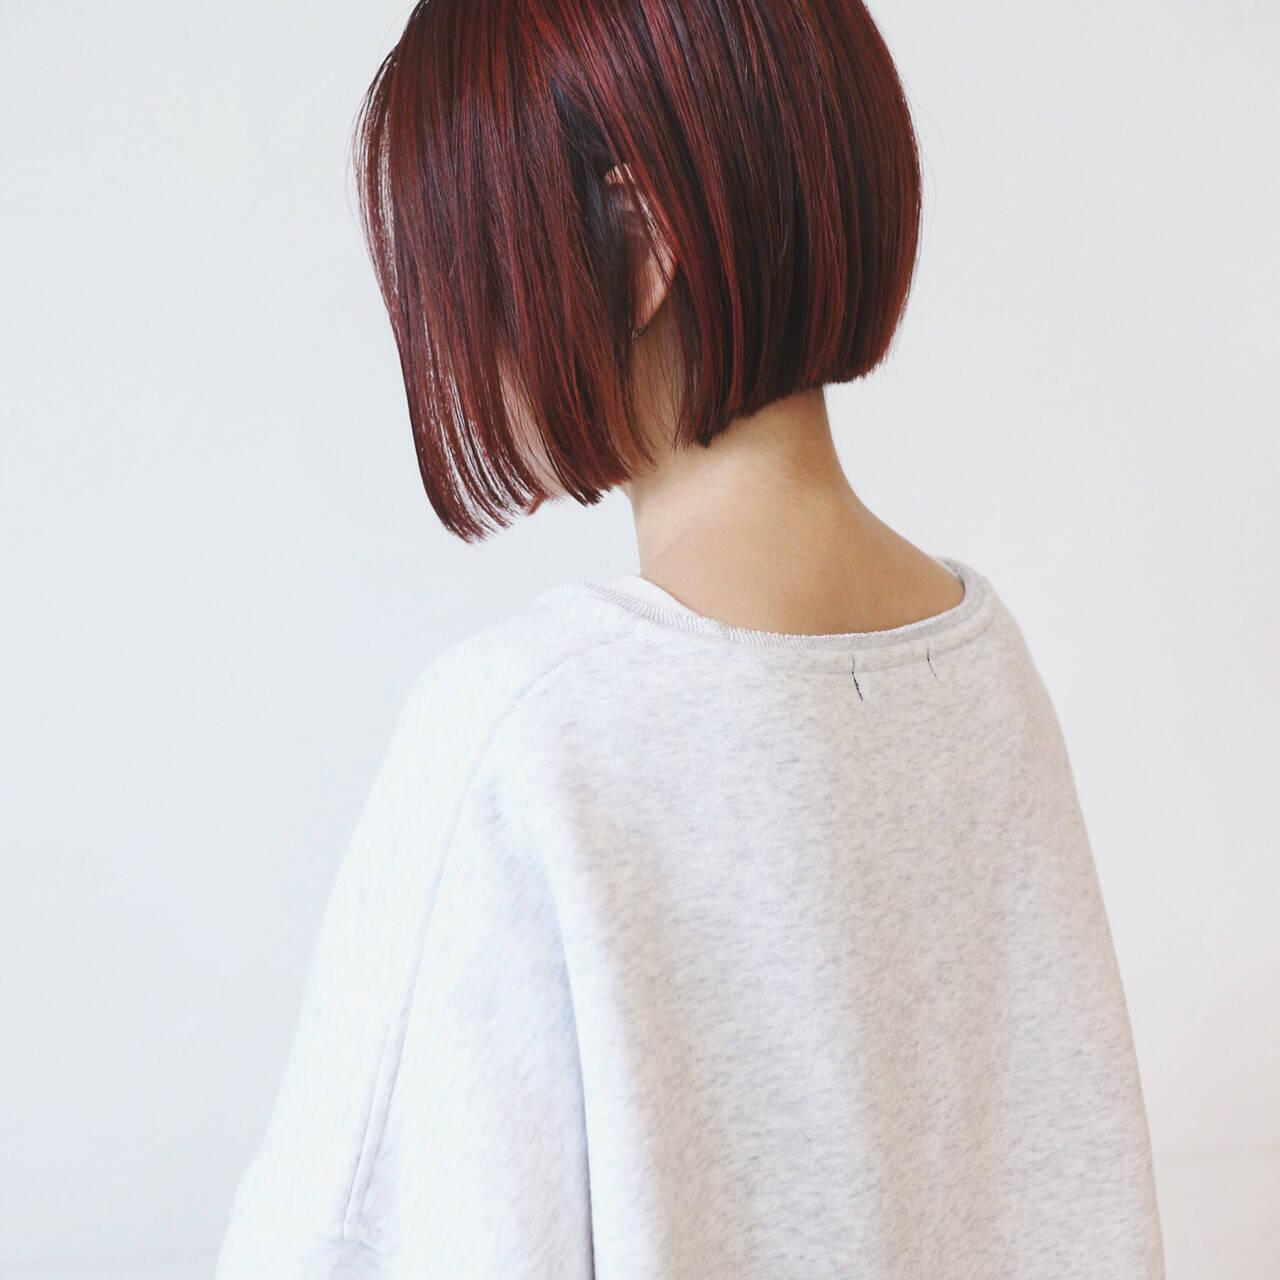 前下がりボブ 切りっぱなしボブ ハイライト 前下がりヘアスタイルや髪型の写真・画像